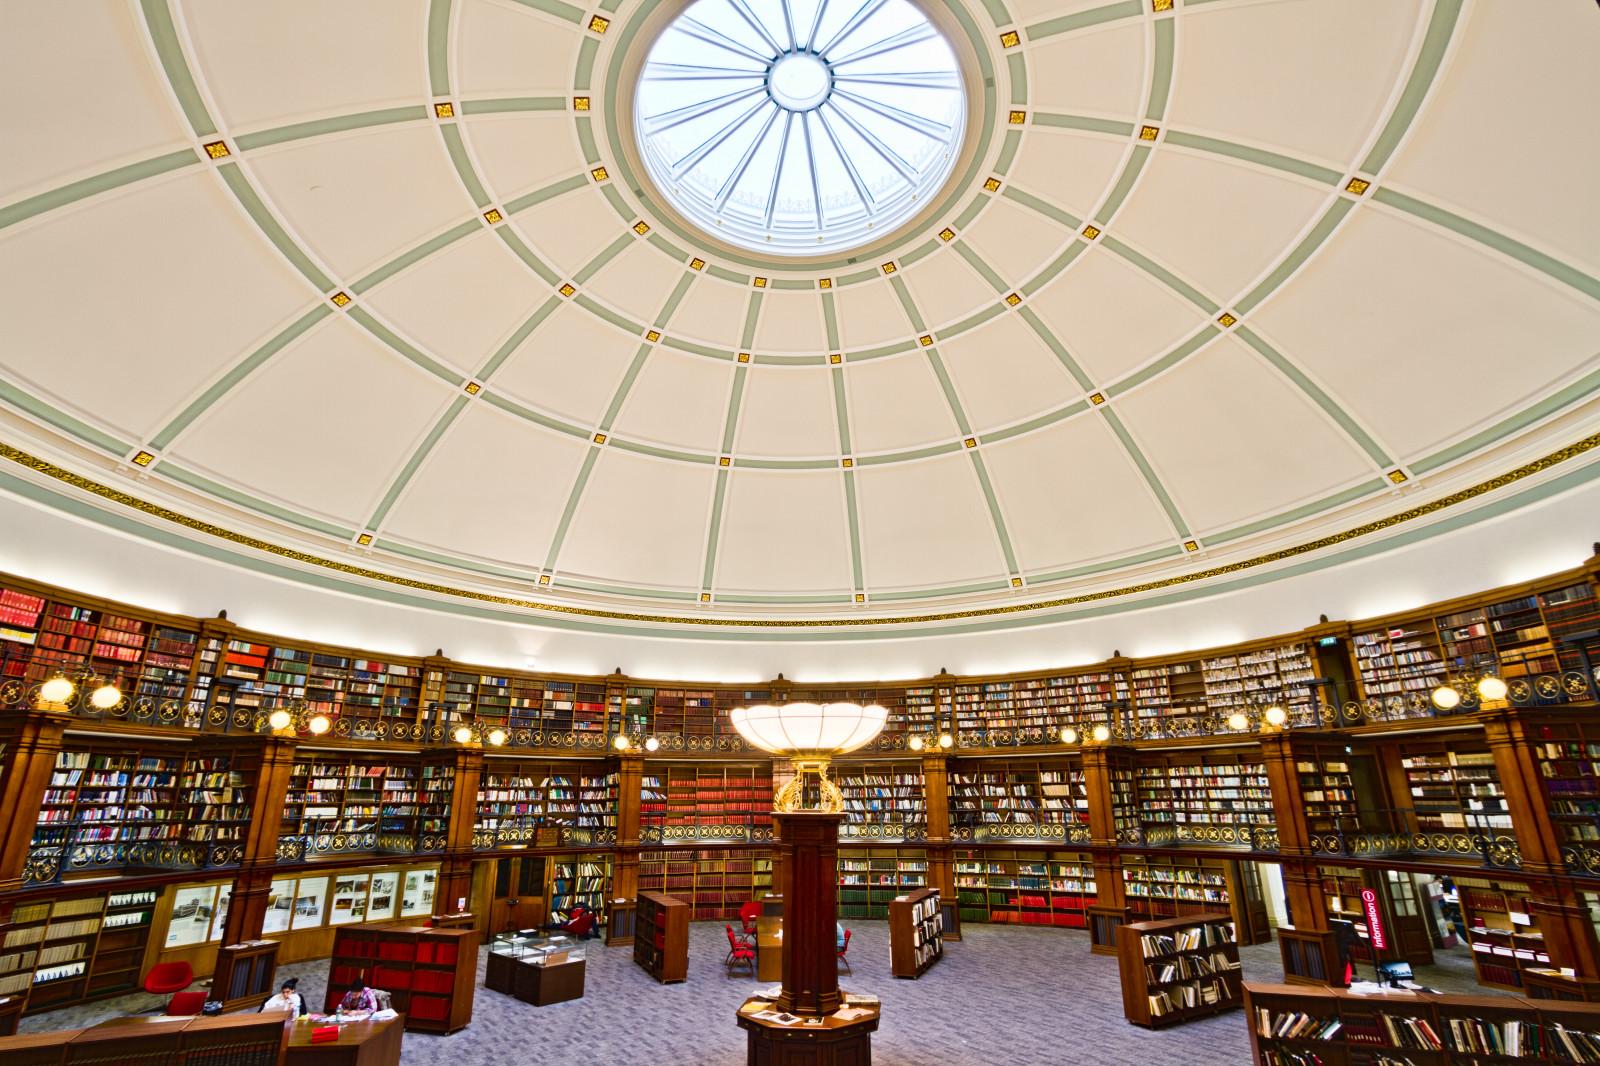 Hintergrundbilder : Fenster, Die Architektur, Gebäude, Zimmer, Innere,  Bücher, Lesen, England, HDR, Regal, Britisch, Regale, Vereinigtes  Königreich, Innen, ...